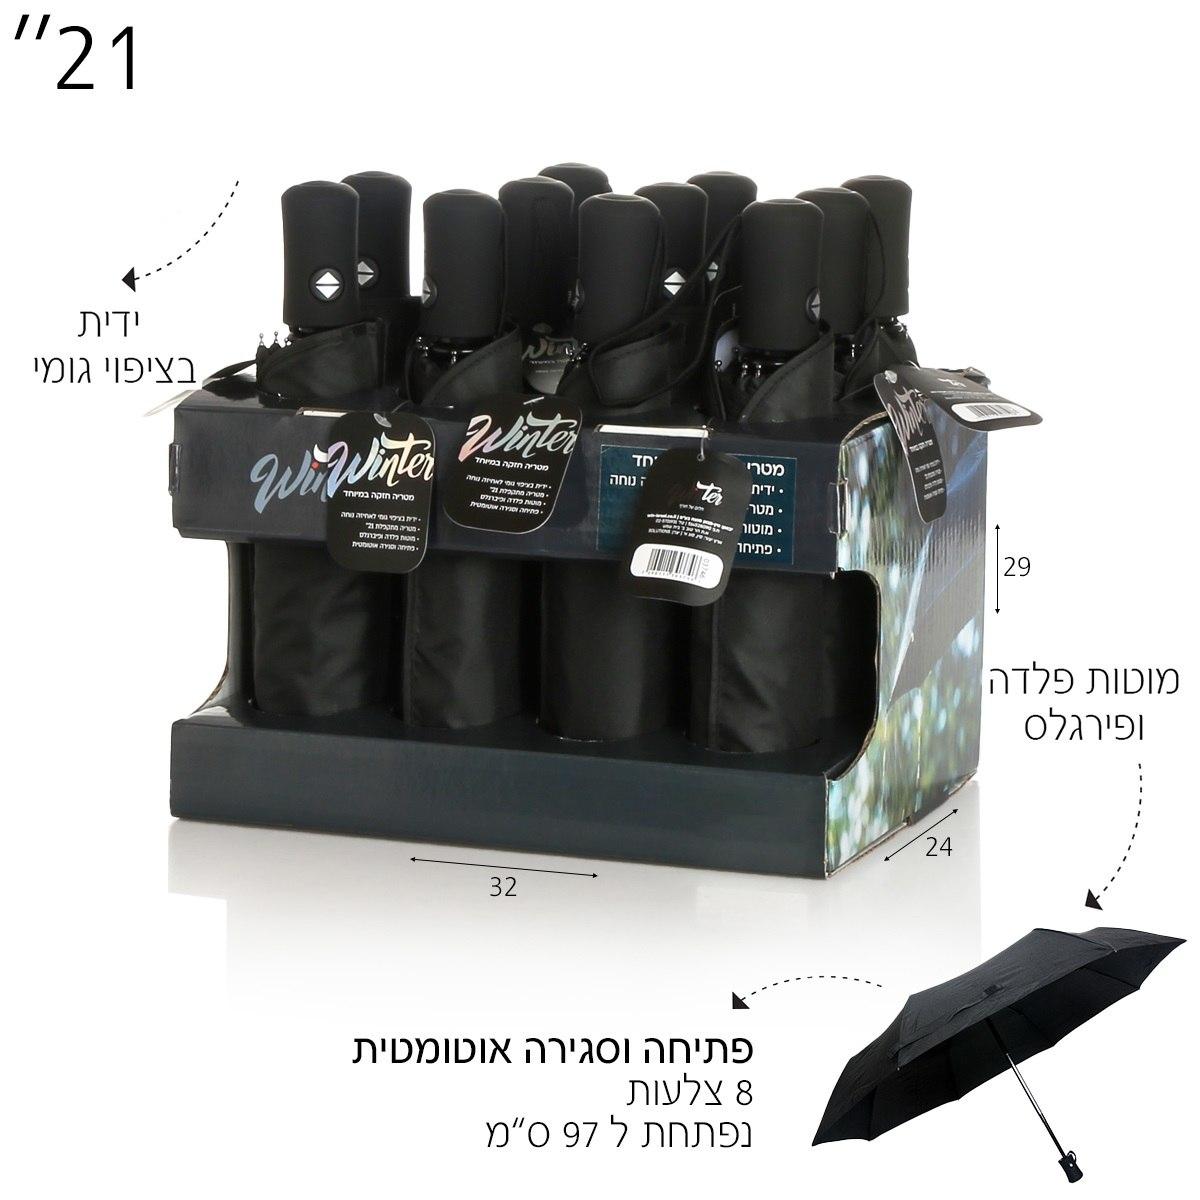 מטריה סיליקון אוטומטית שחורה